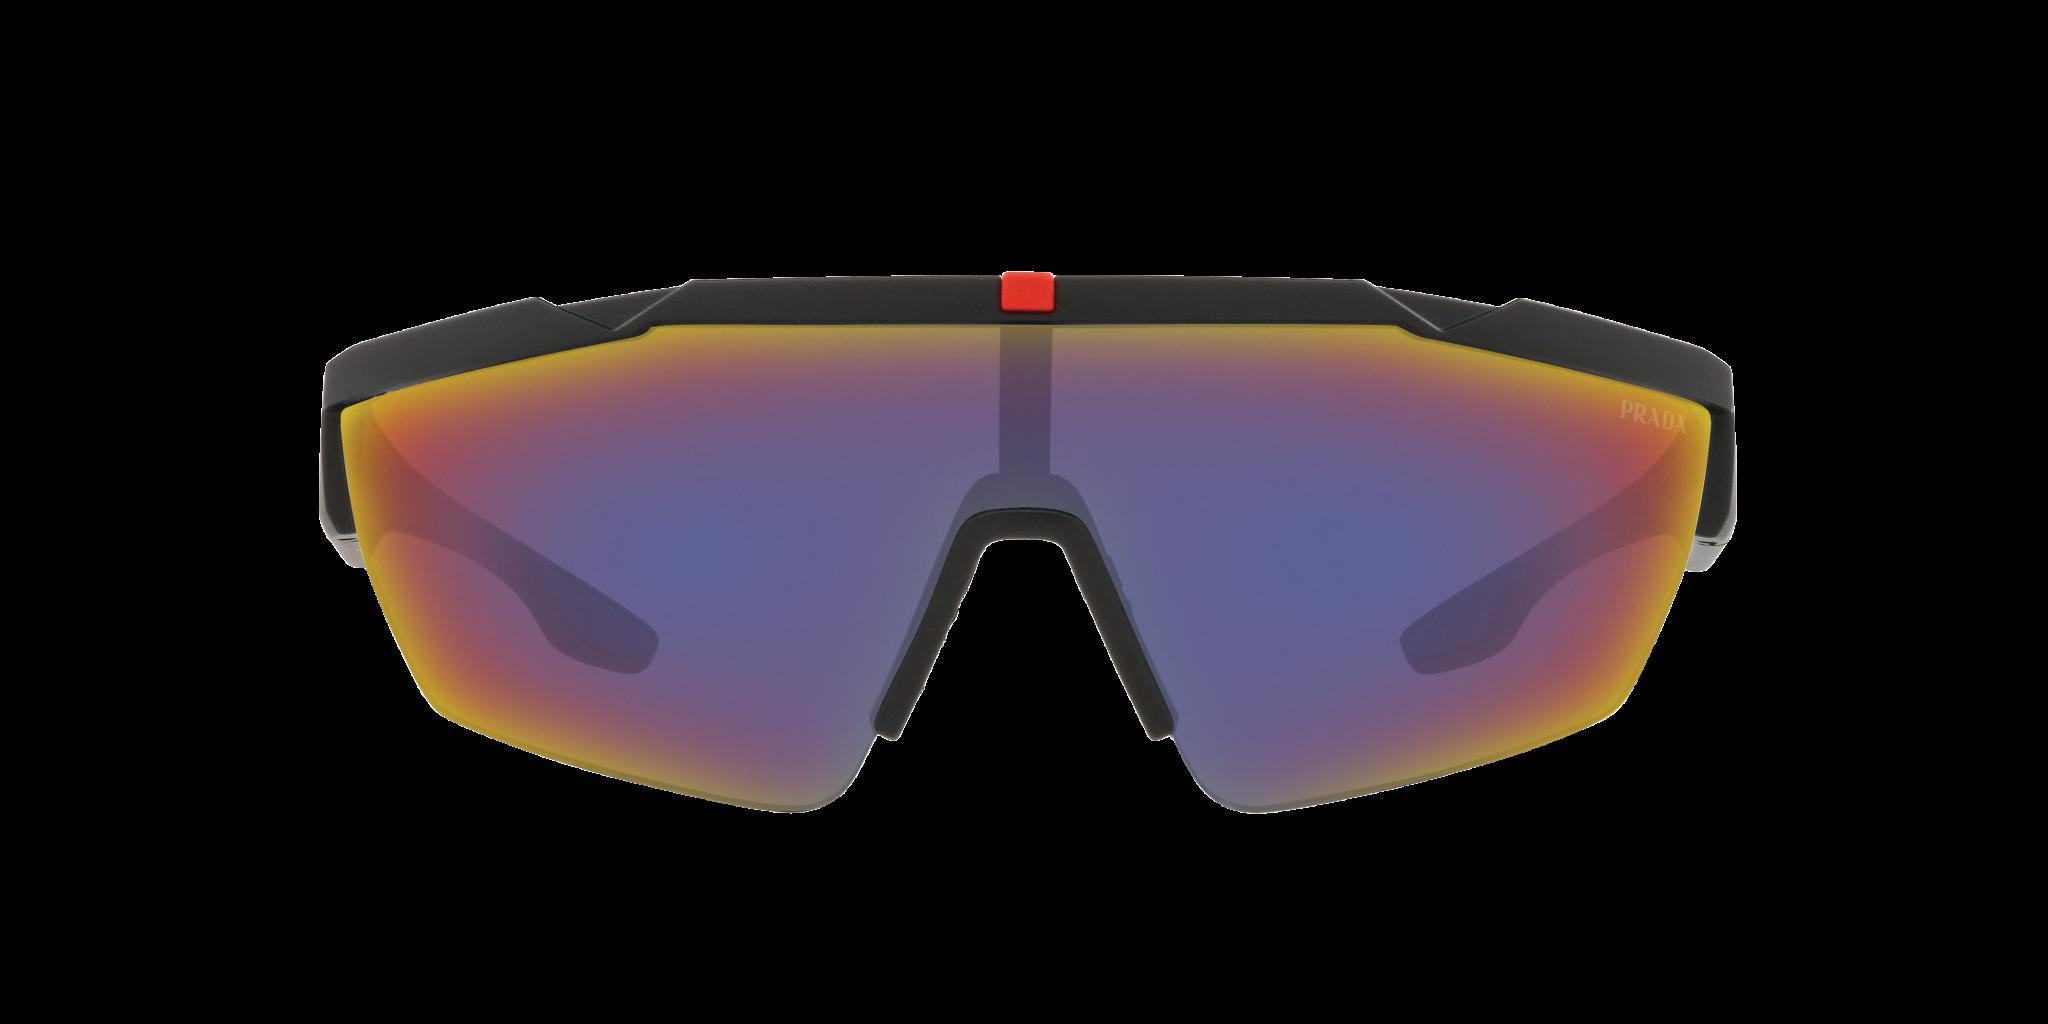 Sunglasses Guide 2021 - Prada